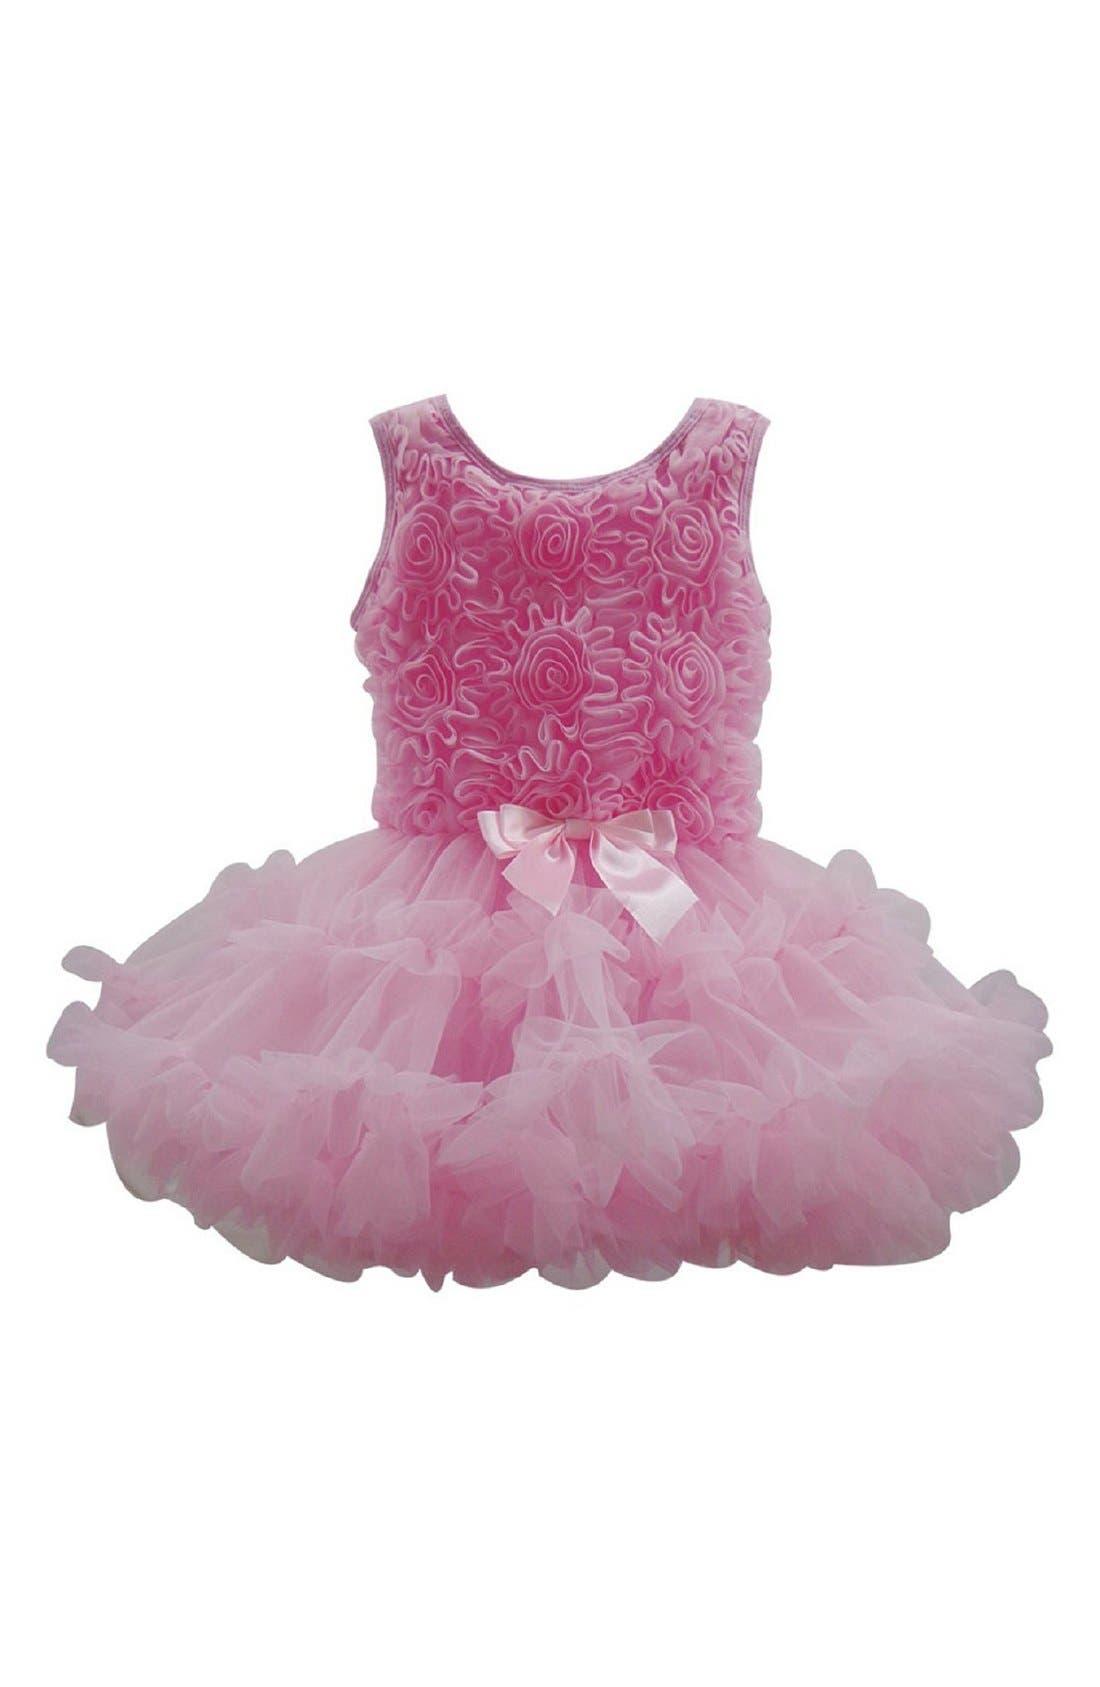 Main Image - Popatu Rosette Soutache Pettidress (Toddler Girls & Little Girls)